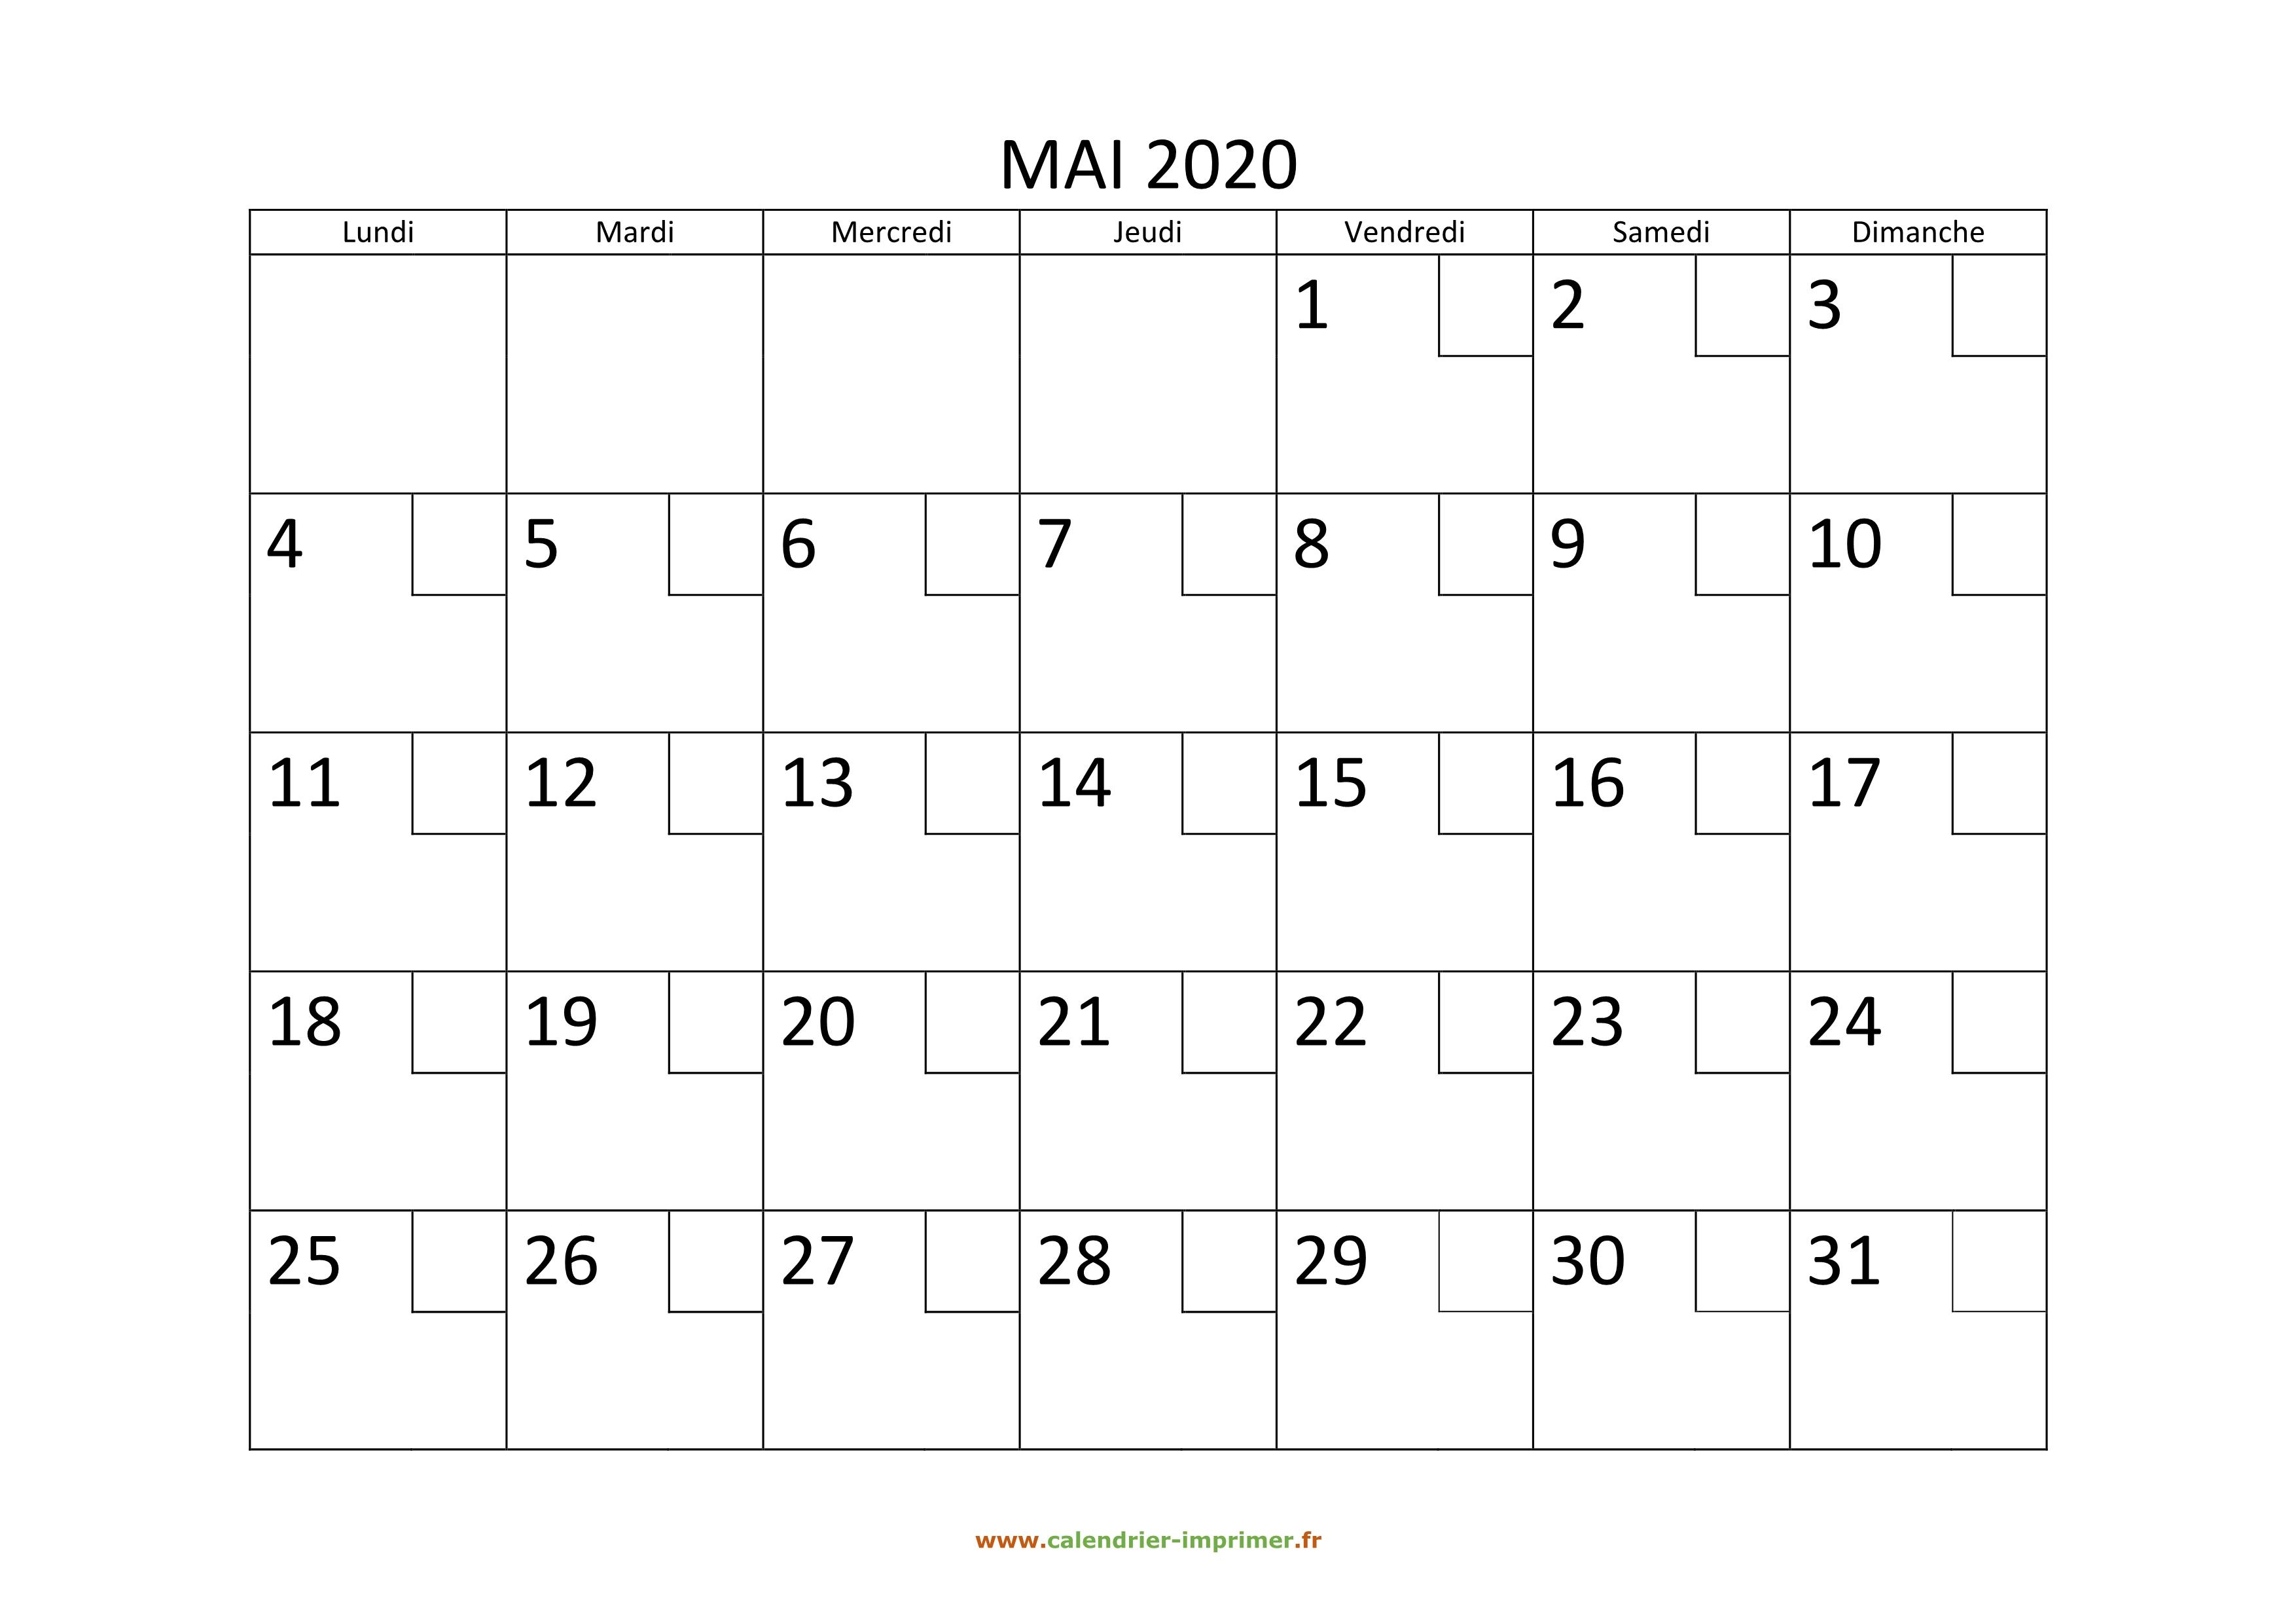 Calendrier Mai 2020 à Imprimer.Calendrier Mai 2020 A Imprimer